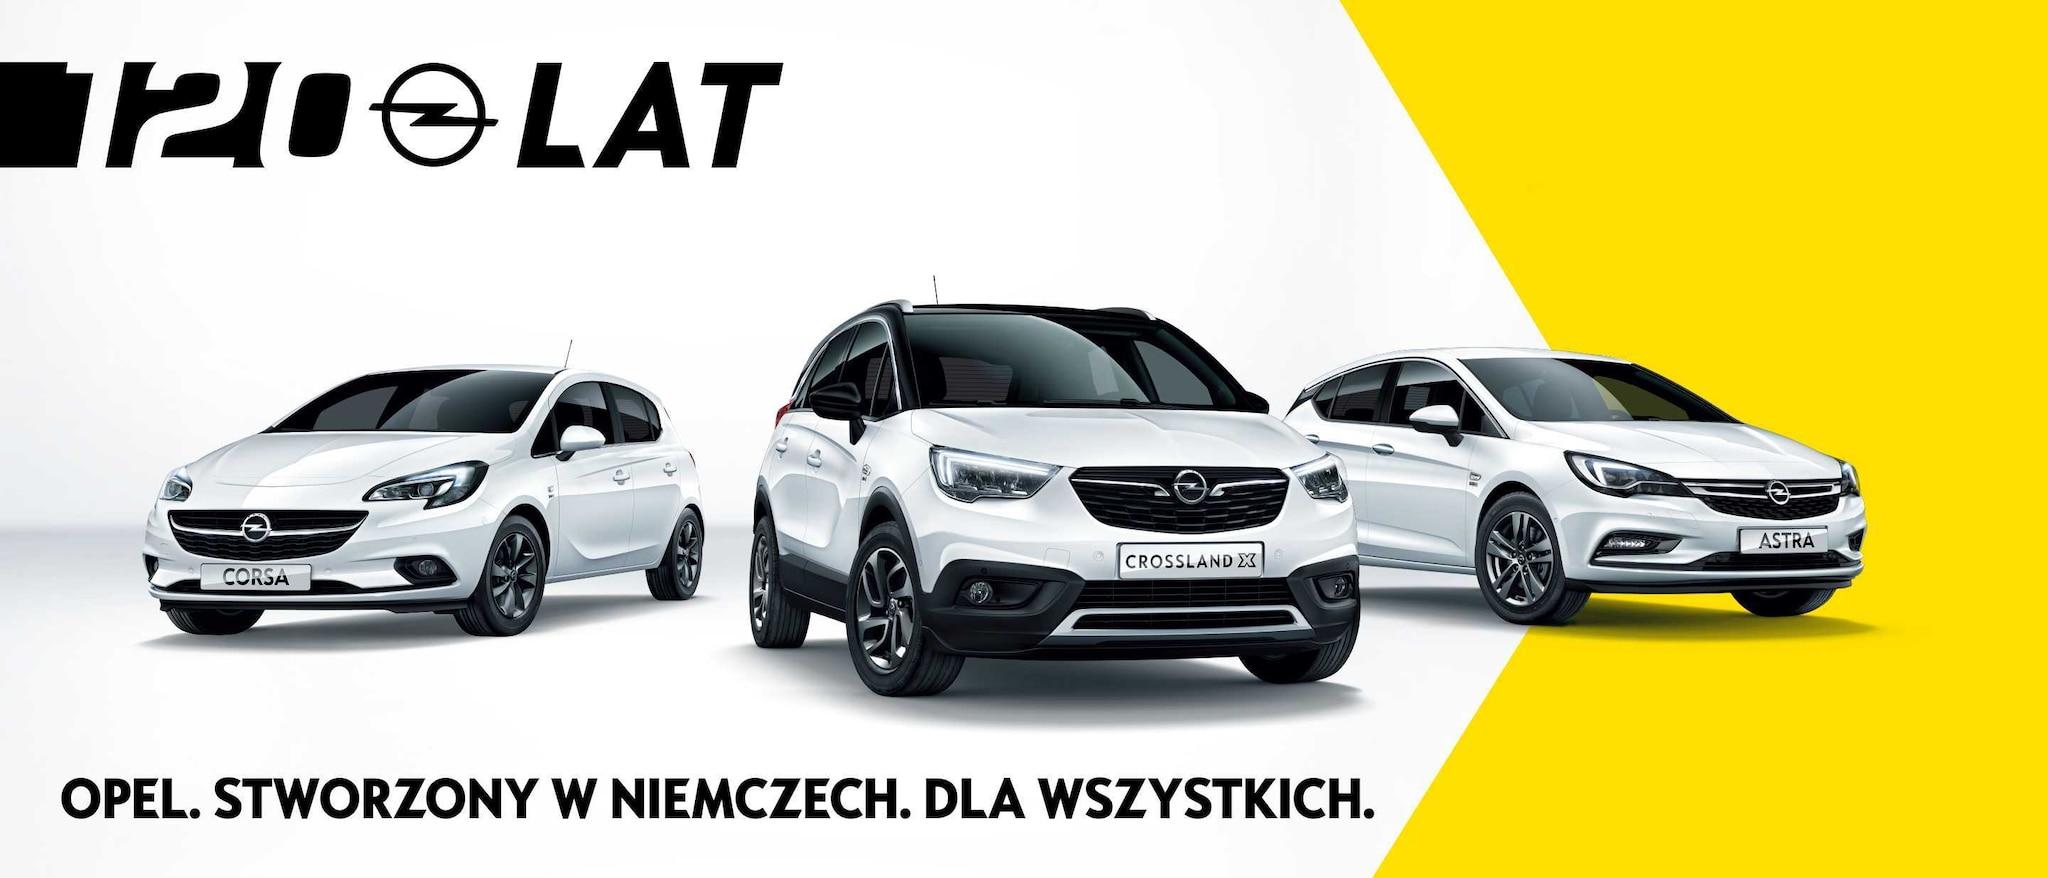 Modele z 2019 roku w atrakcyjnych cenach w salonach Opel 8